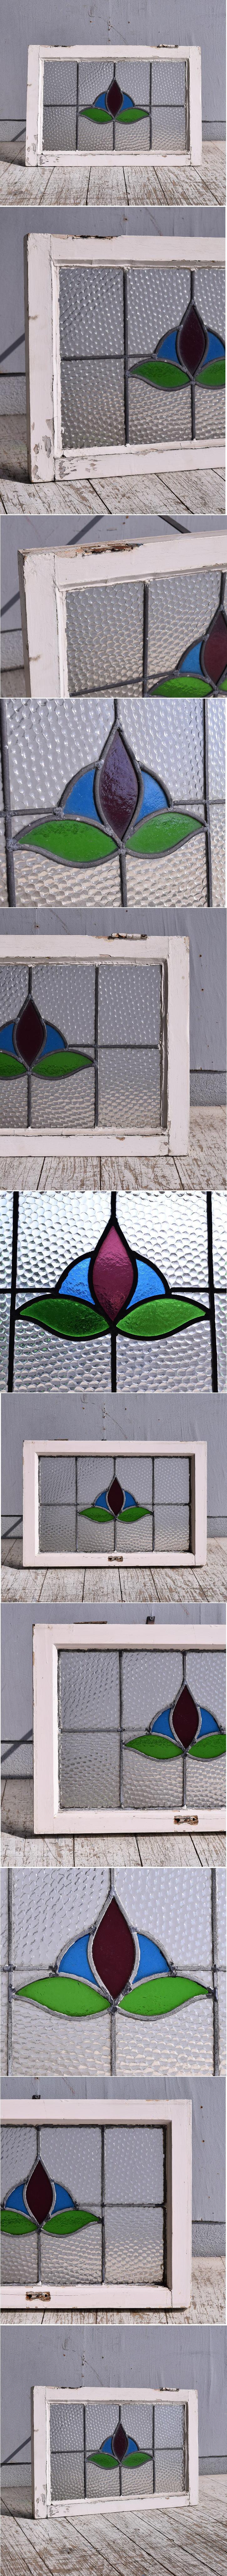 イギリス アンティーク ステンドグラス 幾何学 9381